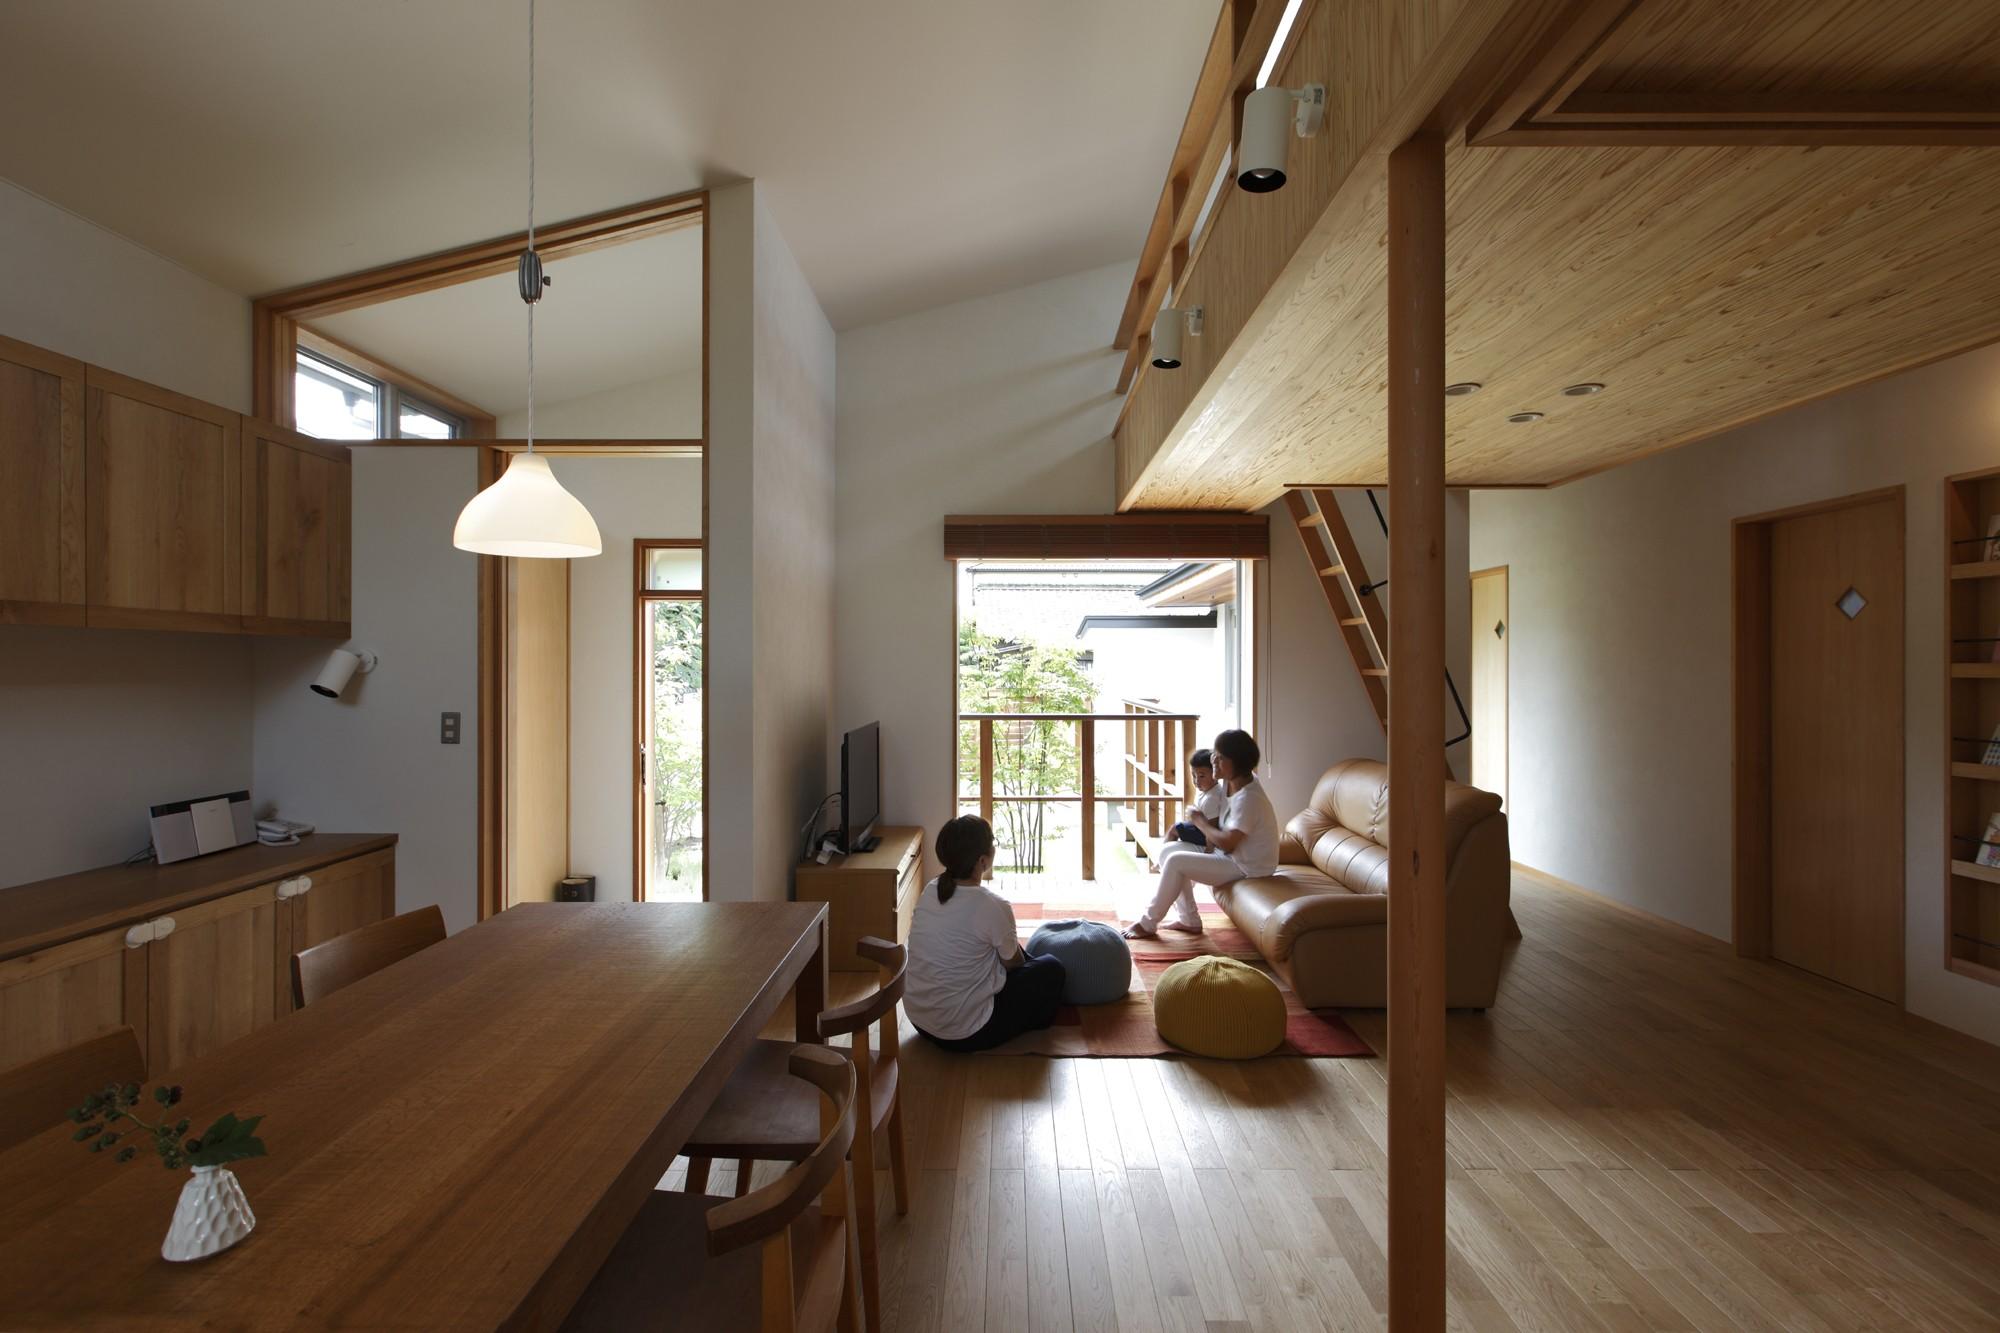 リビングダイニング事例:リビングダイニング(自然体で暮らす平屋~光・風・緑を取り込む家~)